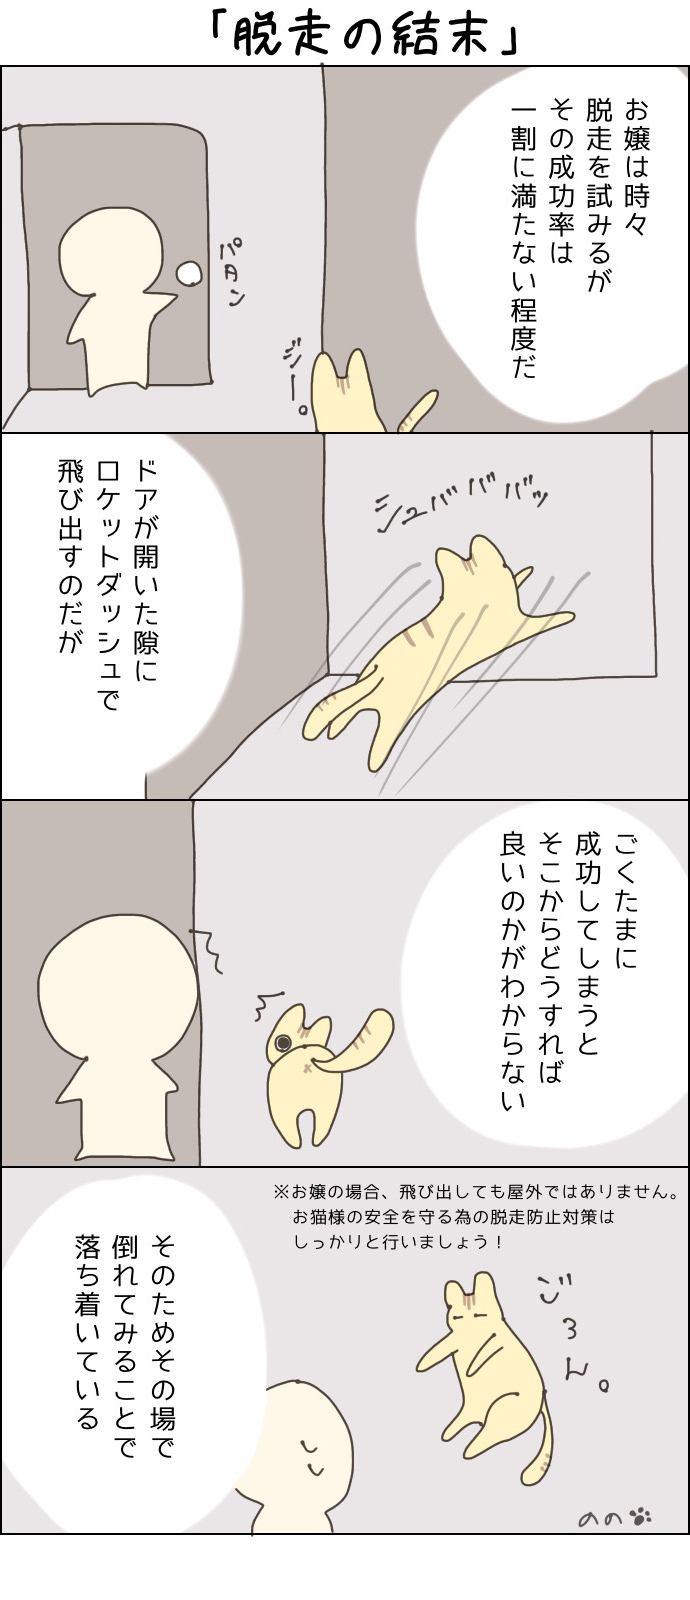 きょうも、お猫様はいとをかし。第22話